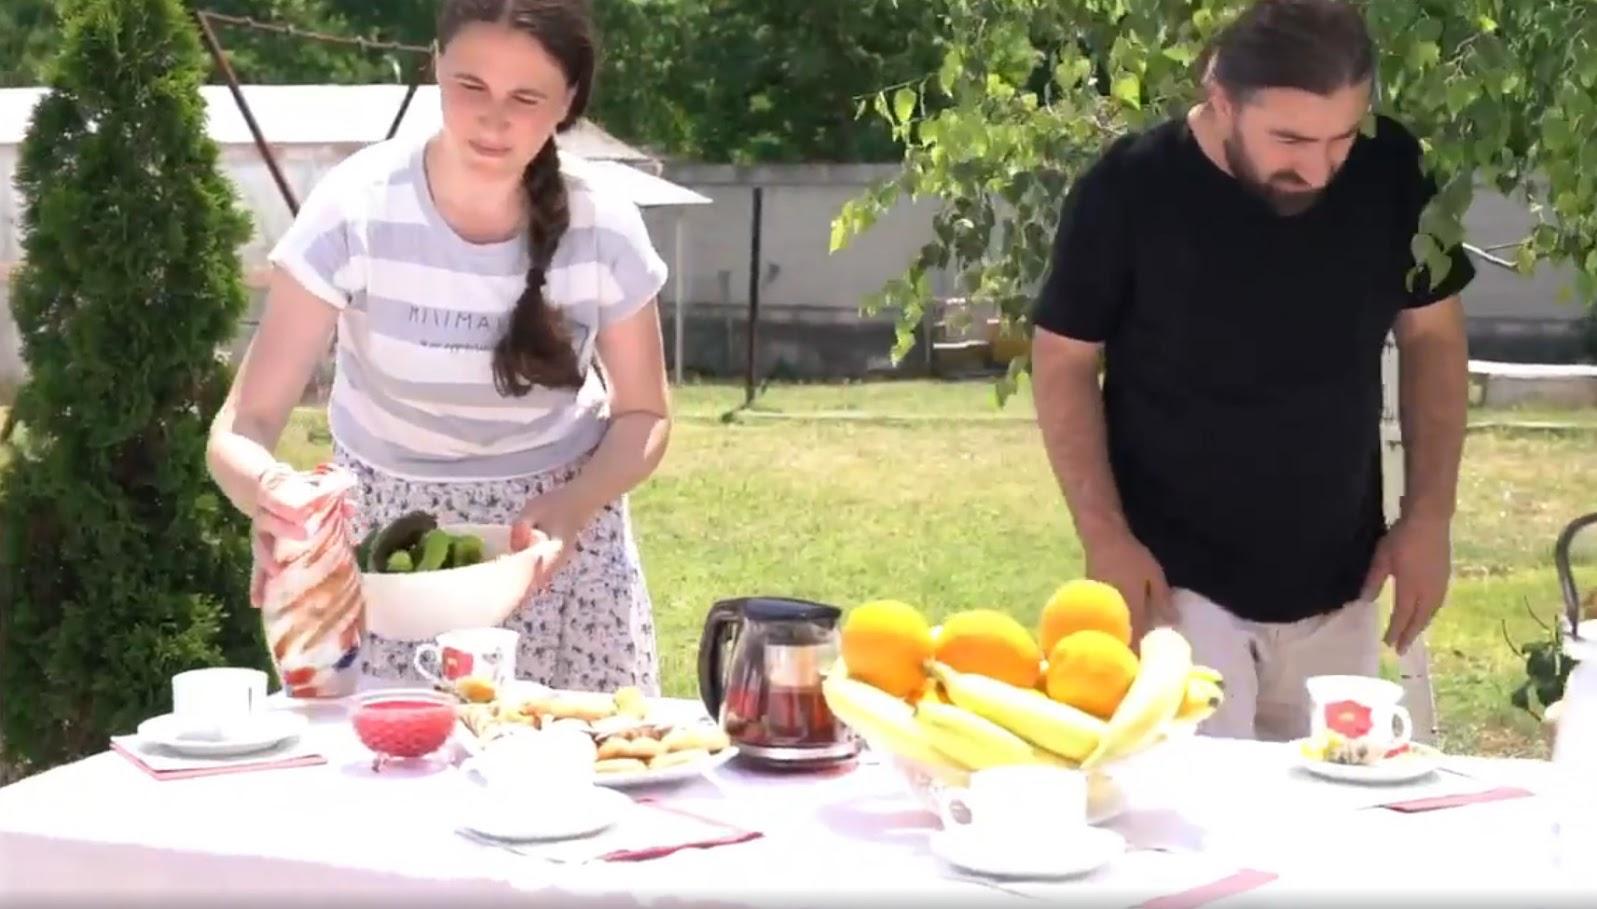 (ВИДЕО) Семья священнослужителя из Светлого приняла участие в съемках ролика к празднику Дня семьи